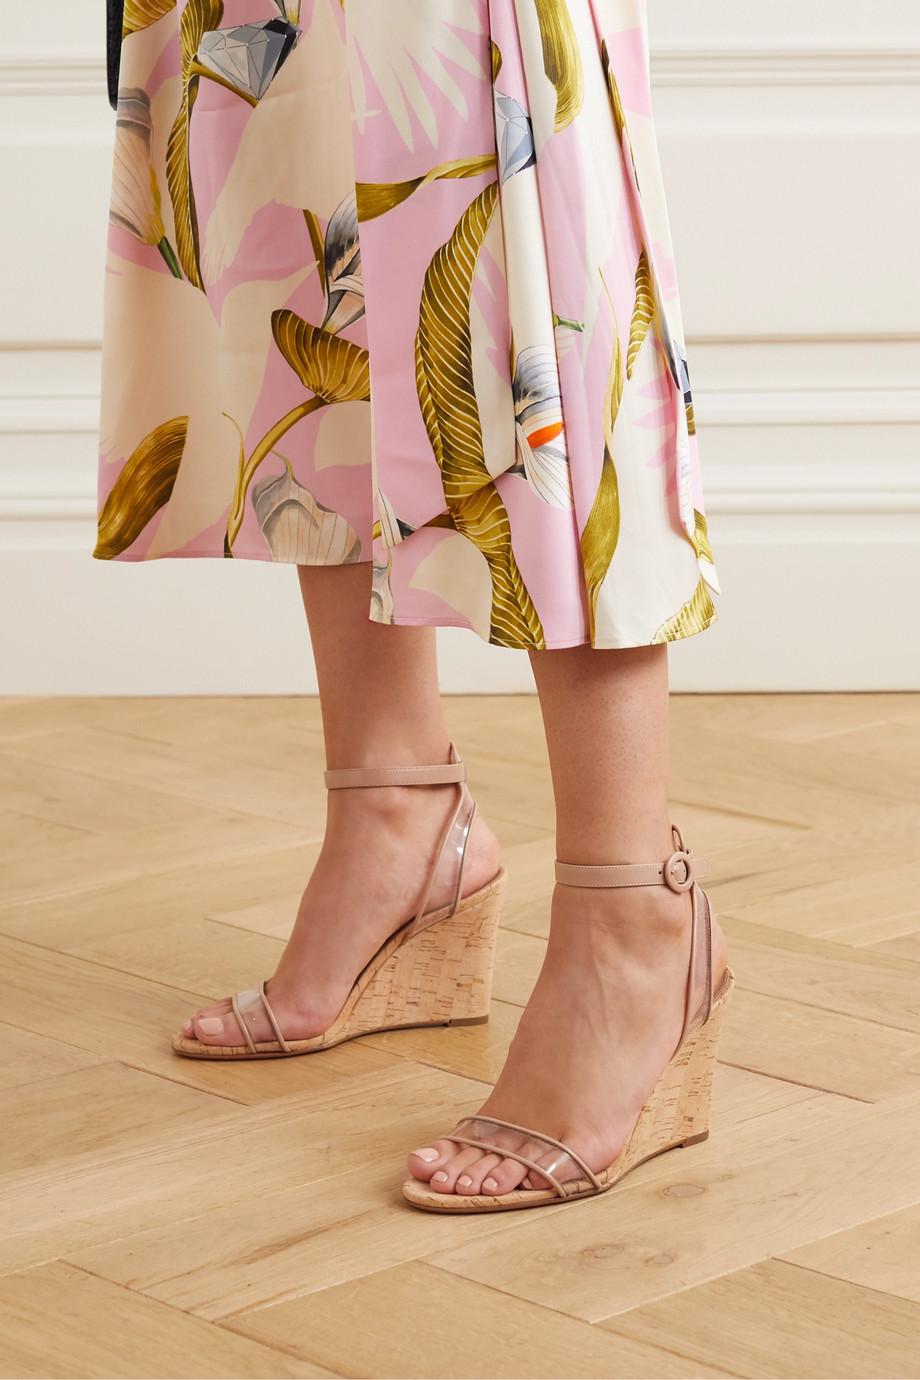 Aquazzura Minimalist 85 皮革 PVC 坡跟凉鞋